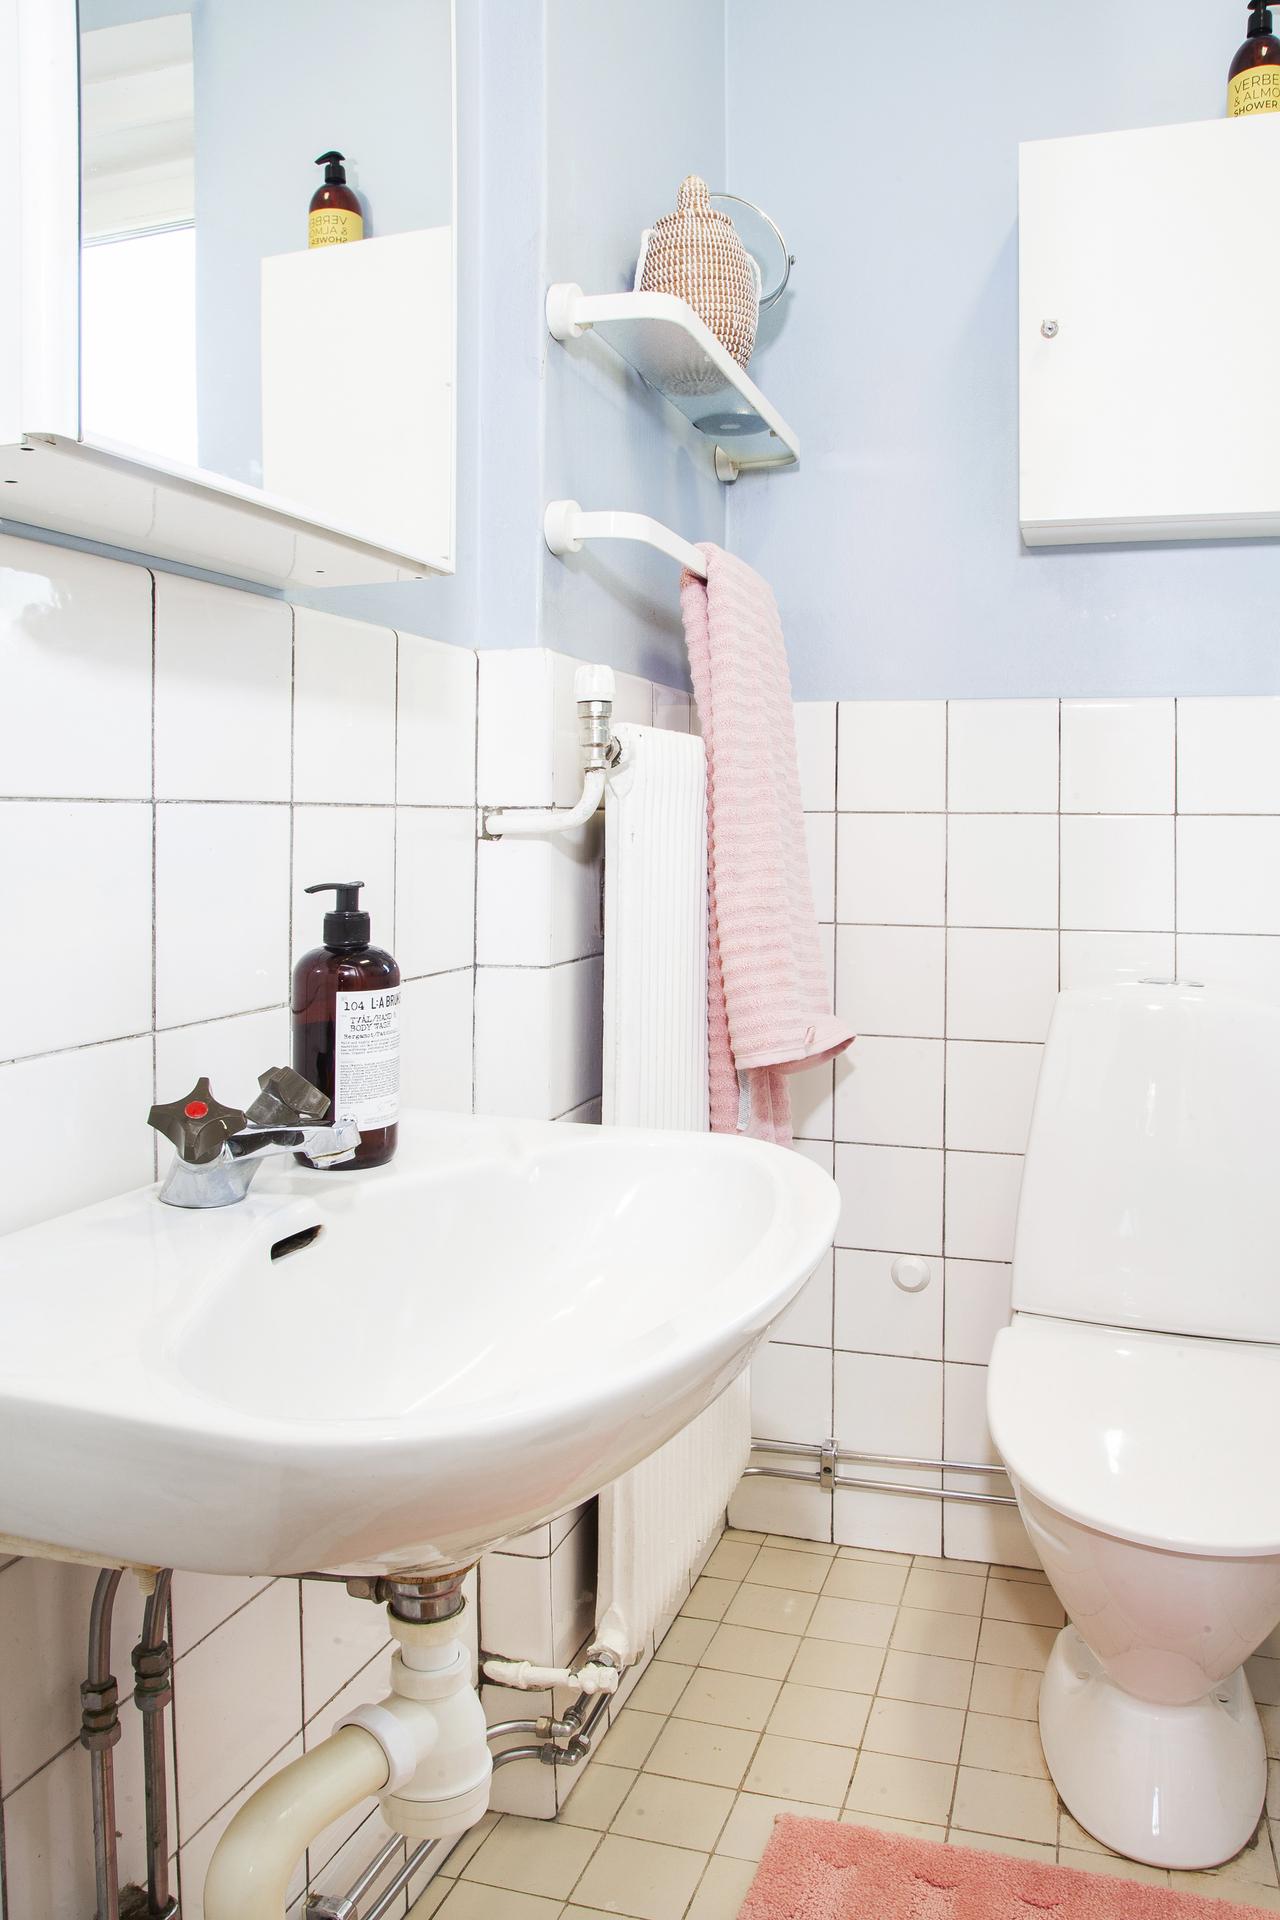 Badrummet som är halvkaklat är i originalutförande